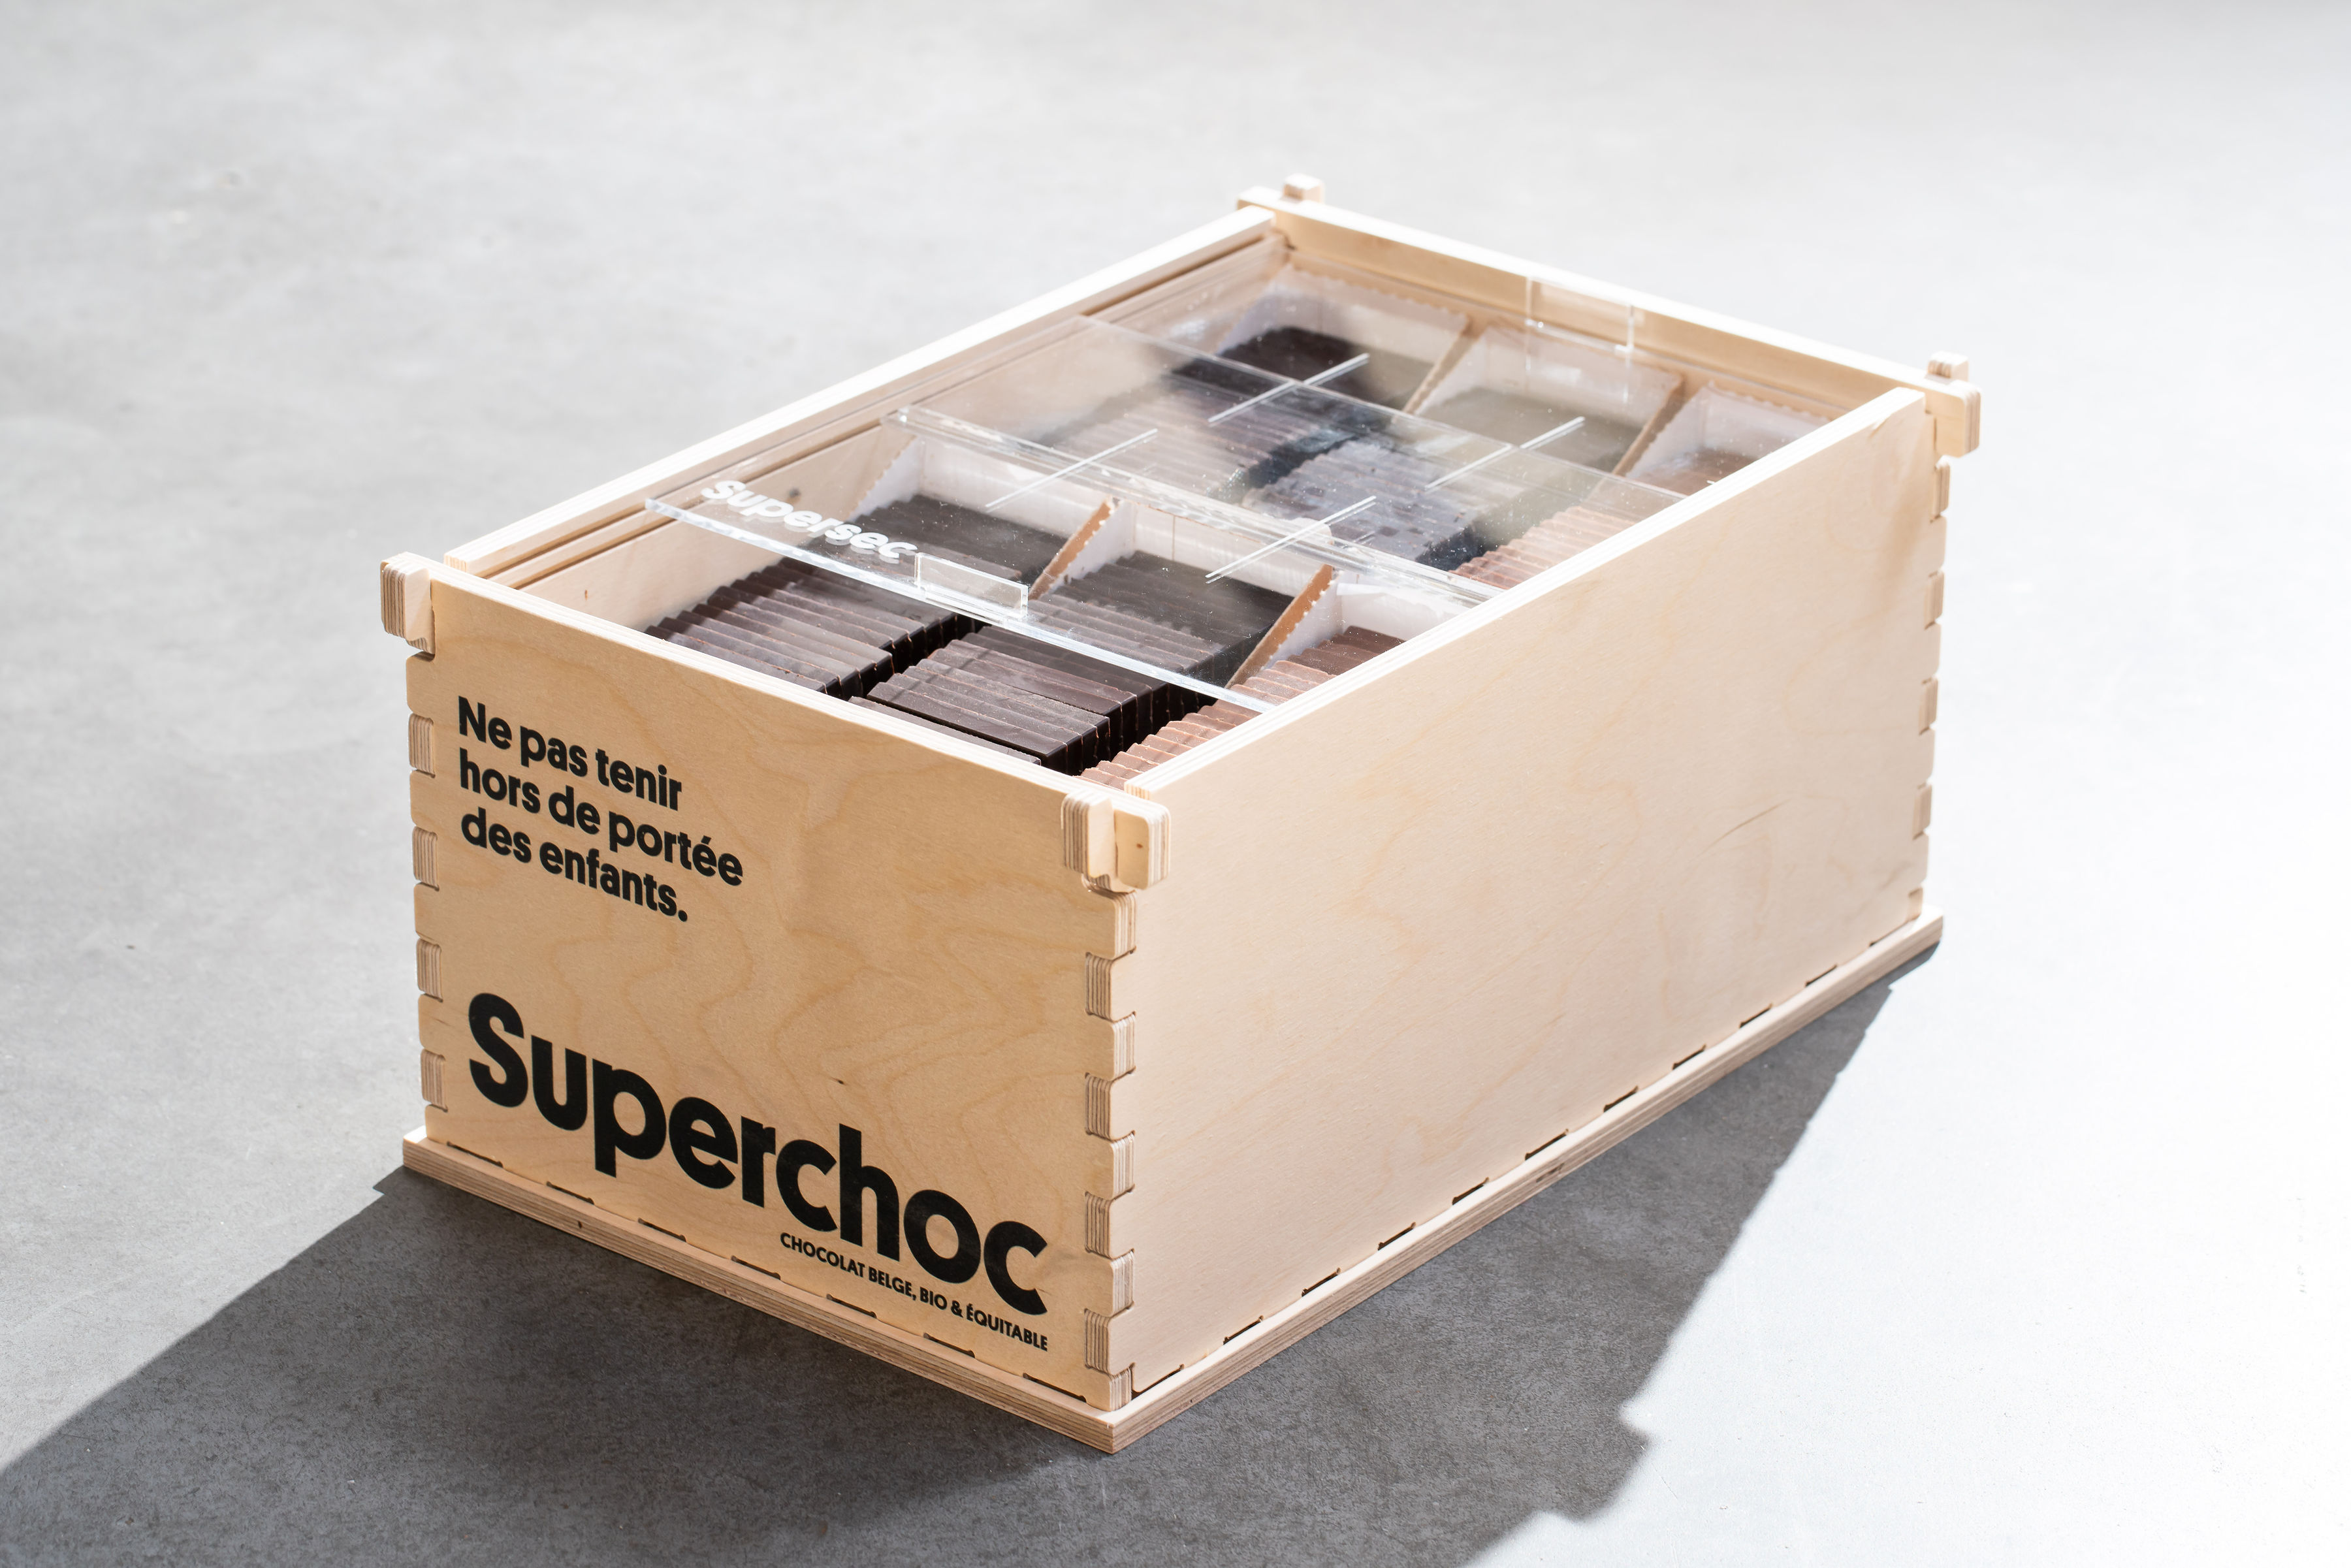 Le meuble en bois de présentation des chocolats belge et bio Superchoc